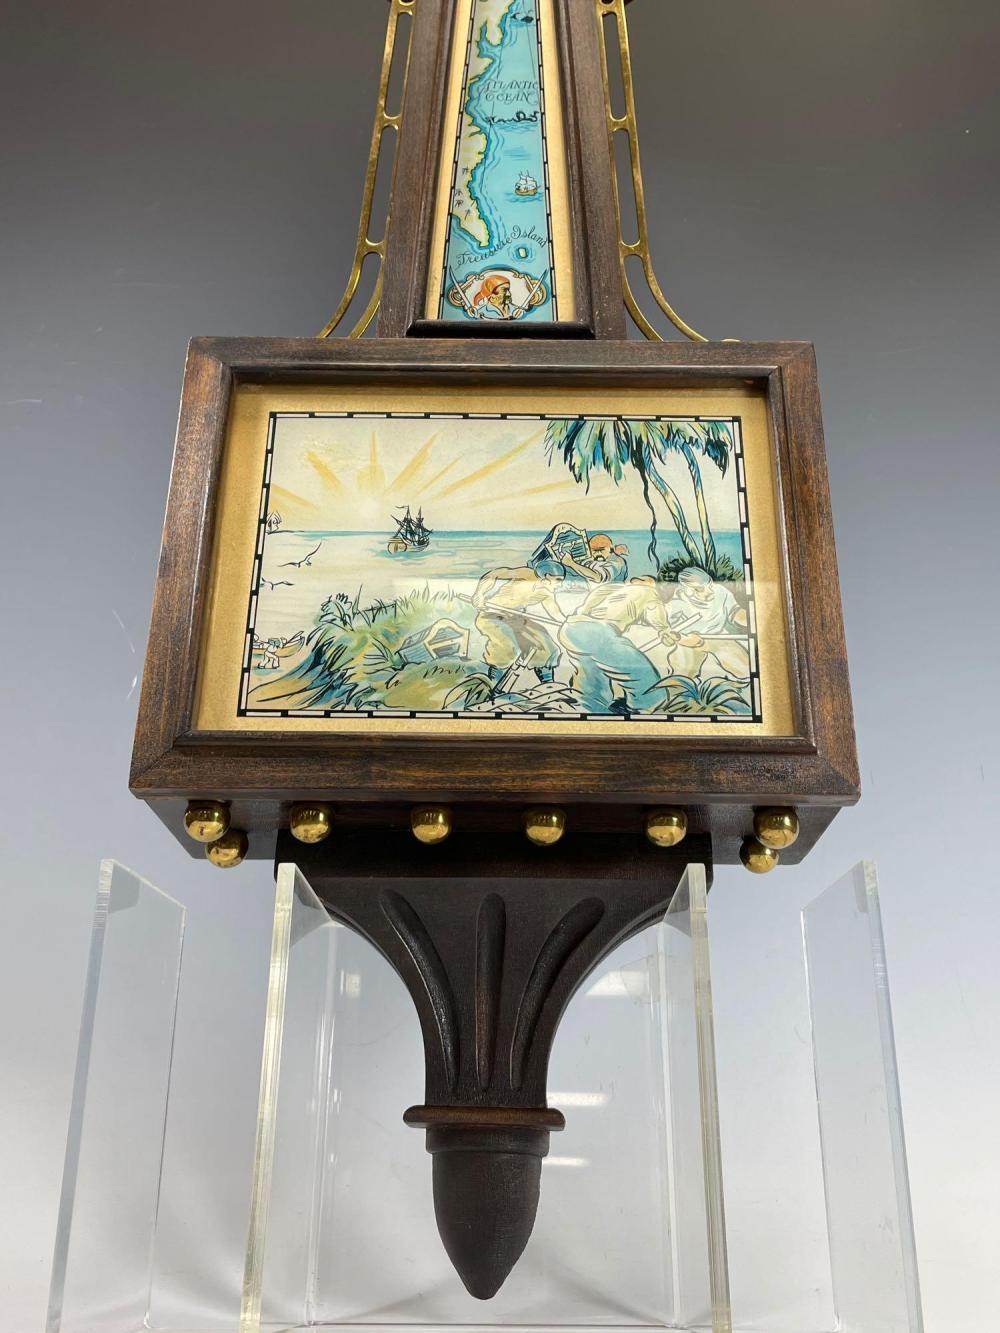 TREASURE ISLAND CLOCK - Banjo Clock by E. Ingraham Co